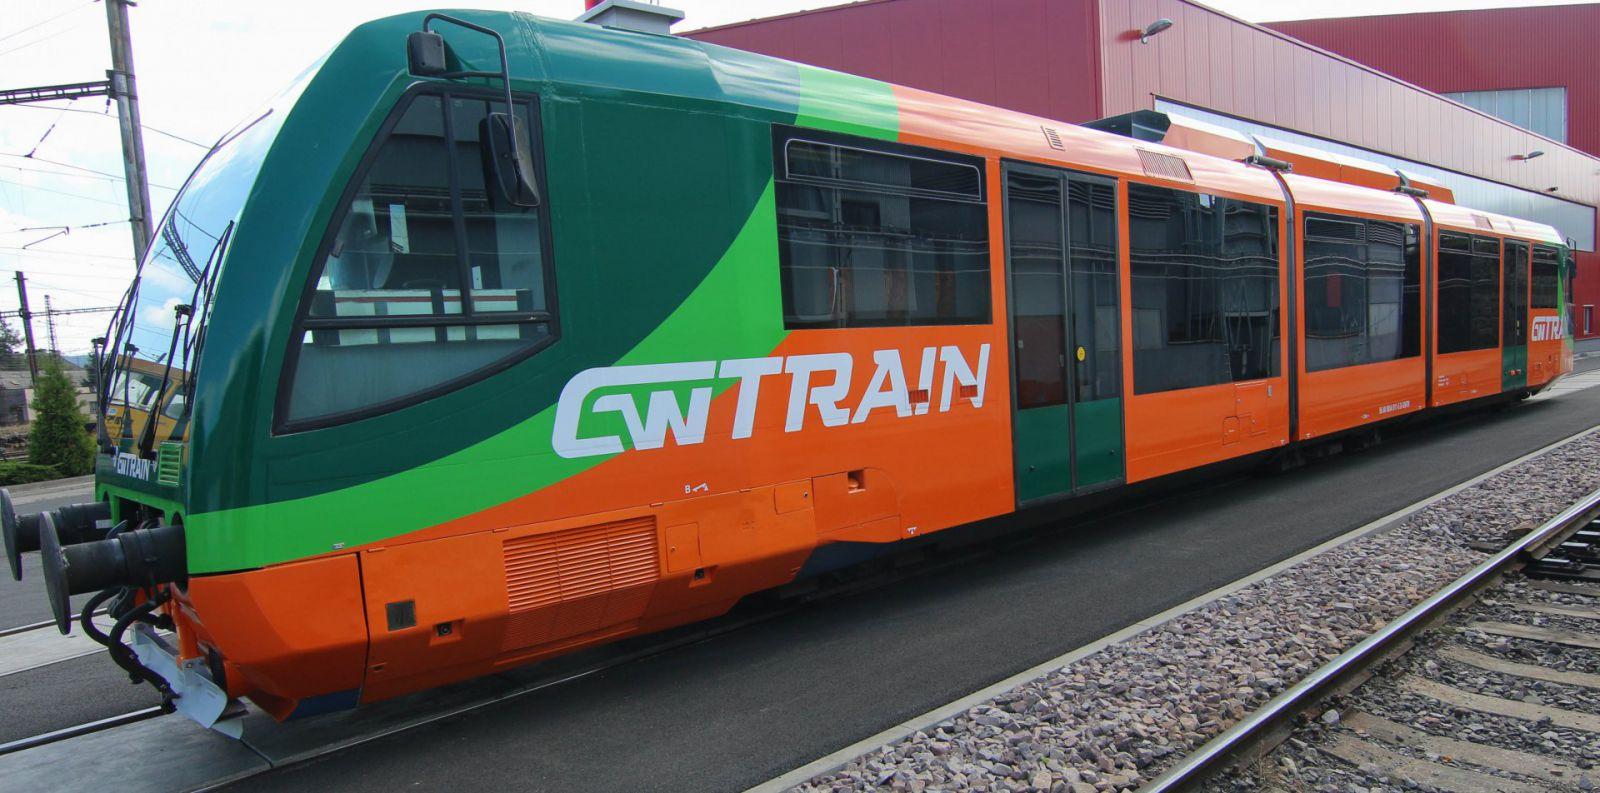 GW Train